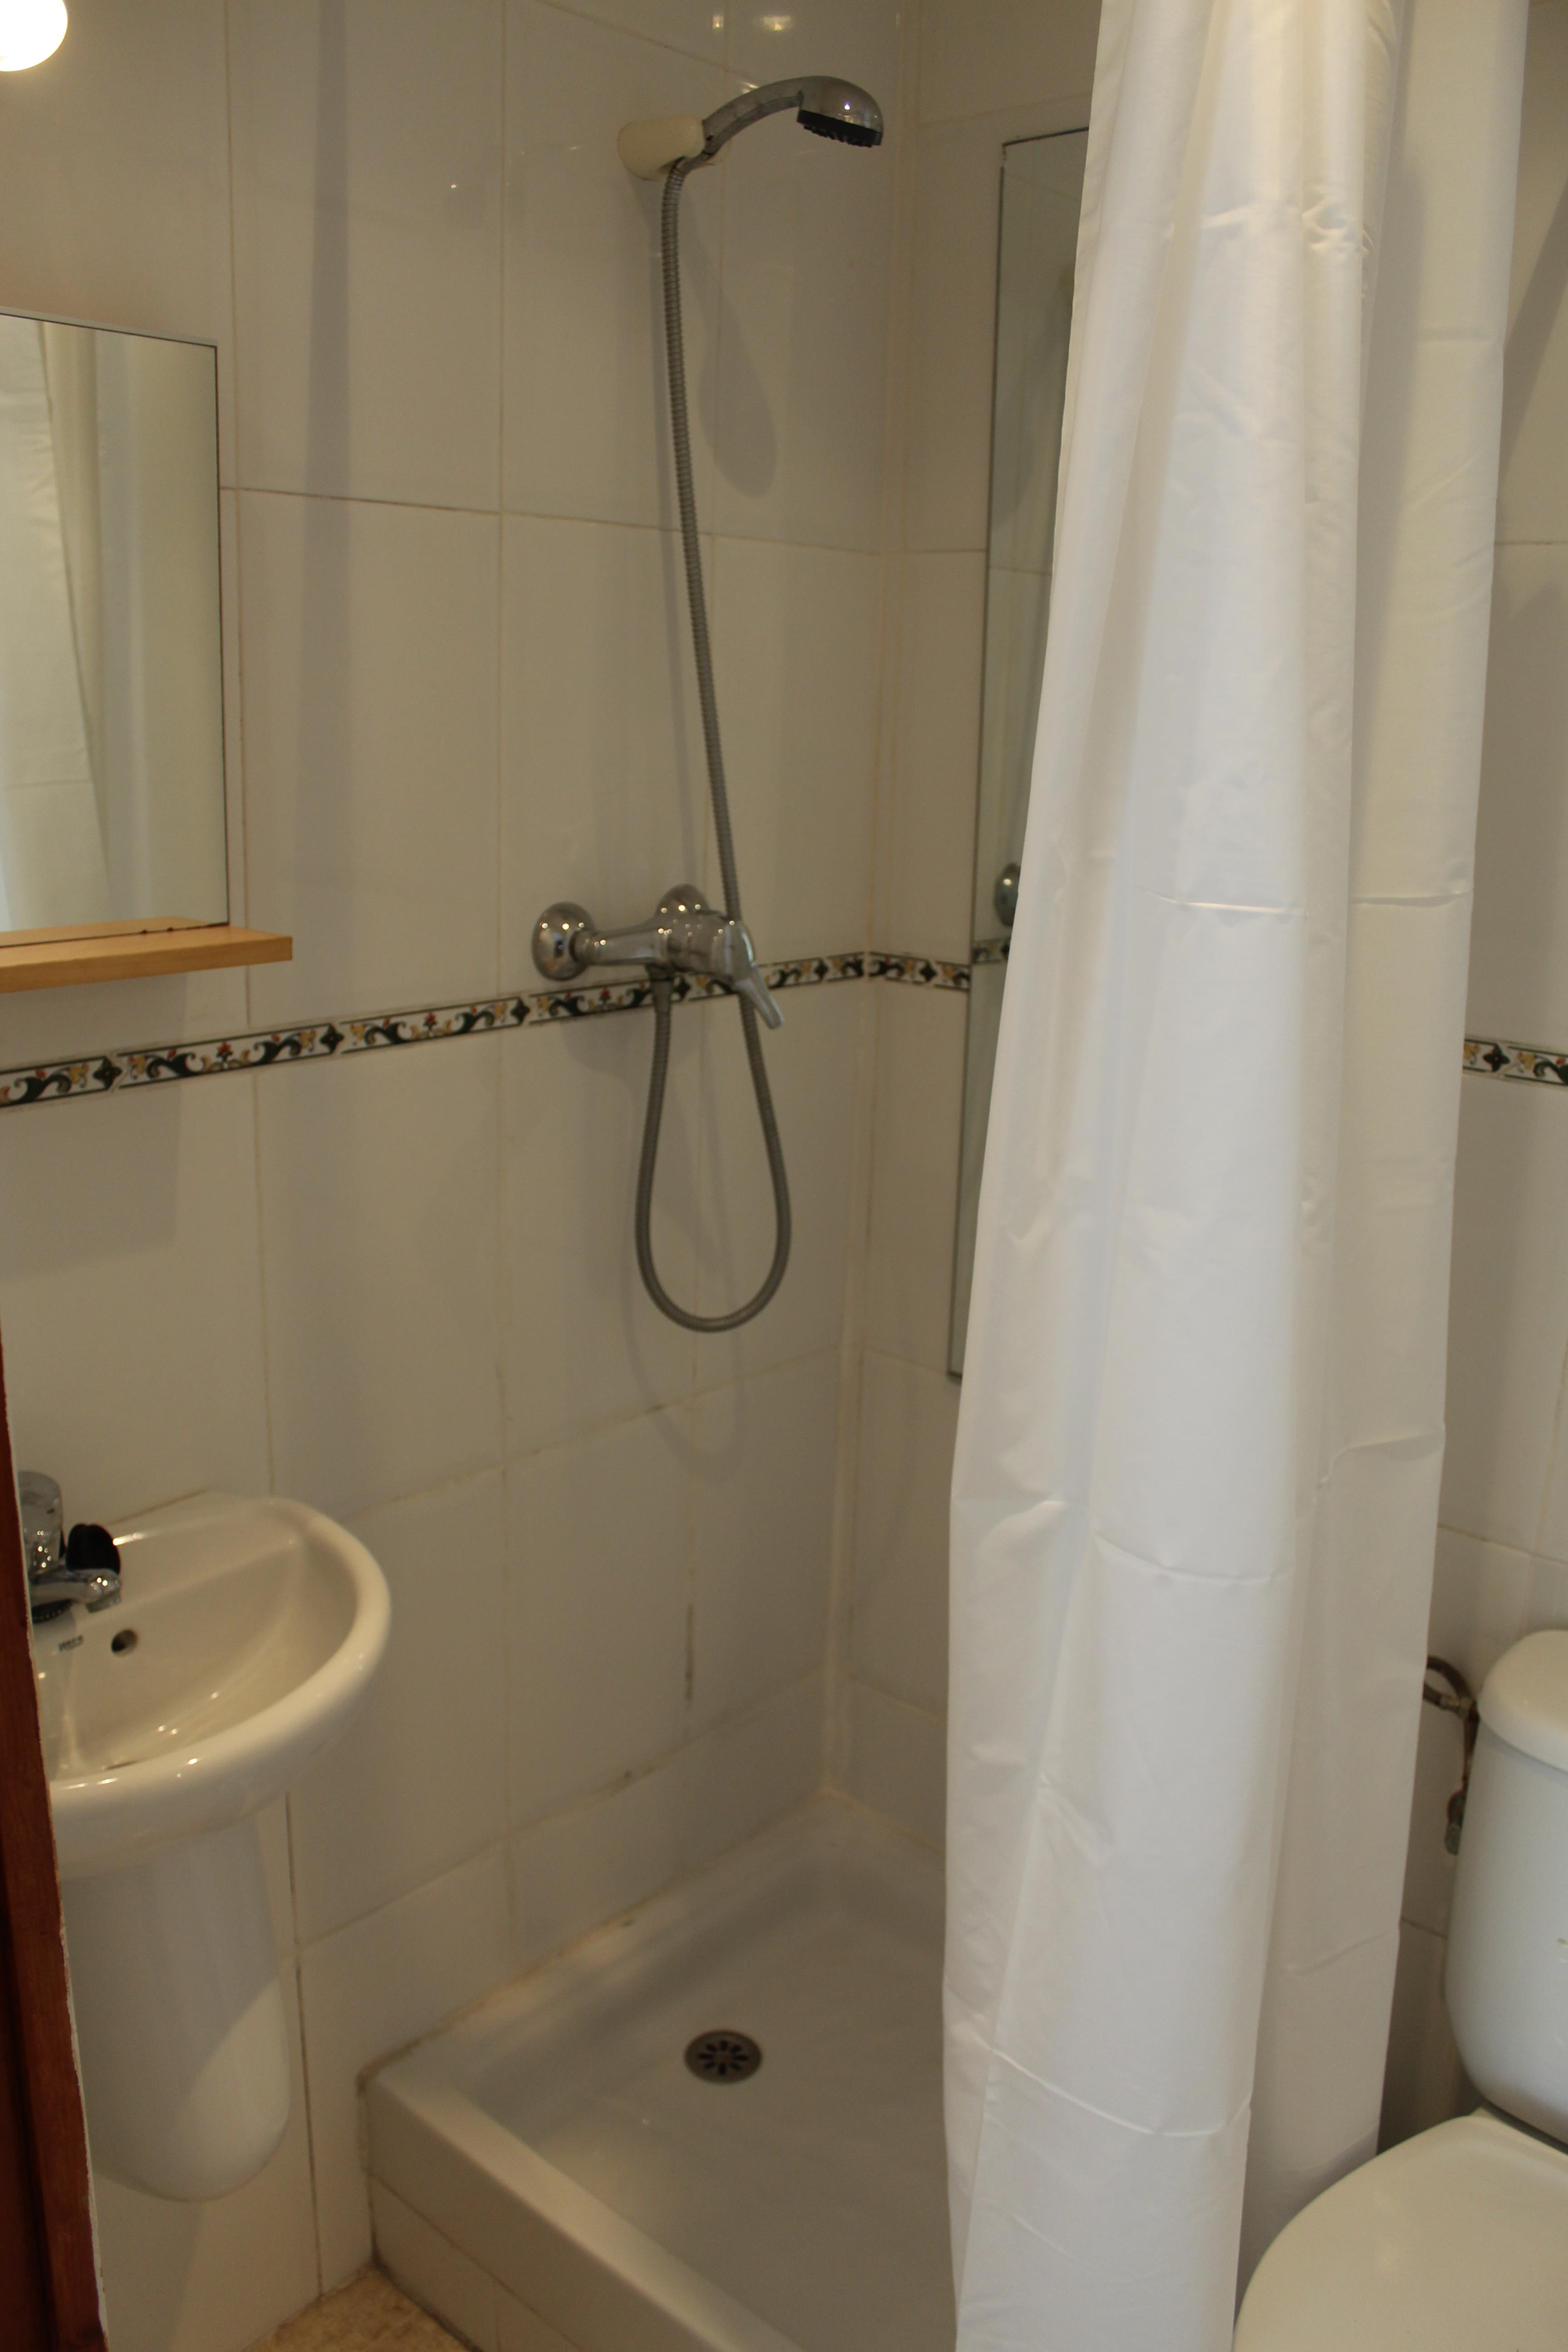 Alquiler Piso  Carrer barcelona. Piso 3 dormitorios  2 baños con parking